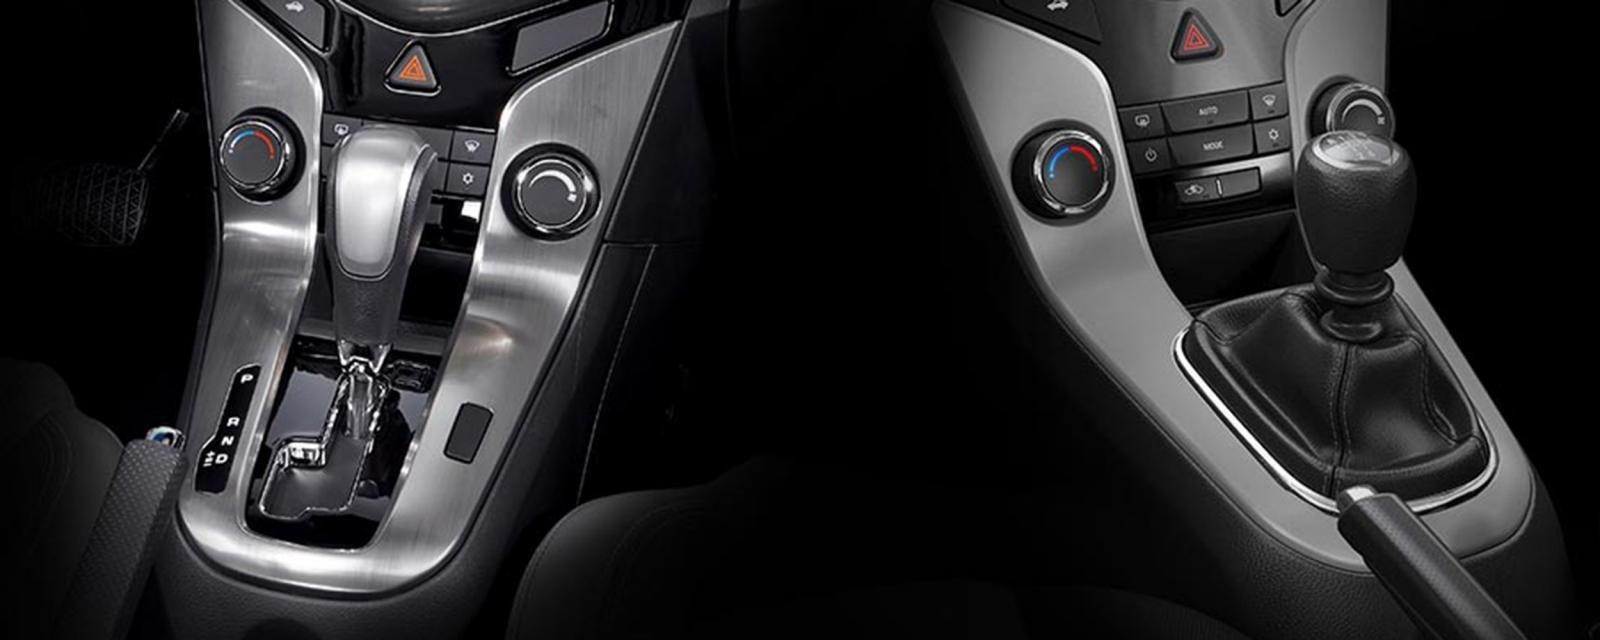 Chevrolet Cruze thế hệ mới âm thầm xuất hiện tại Việt Nam kèm giá bán a11